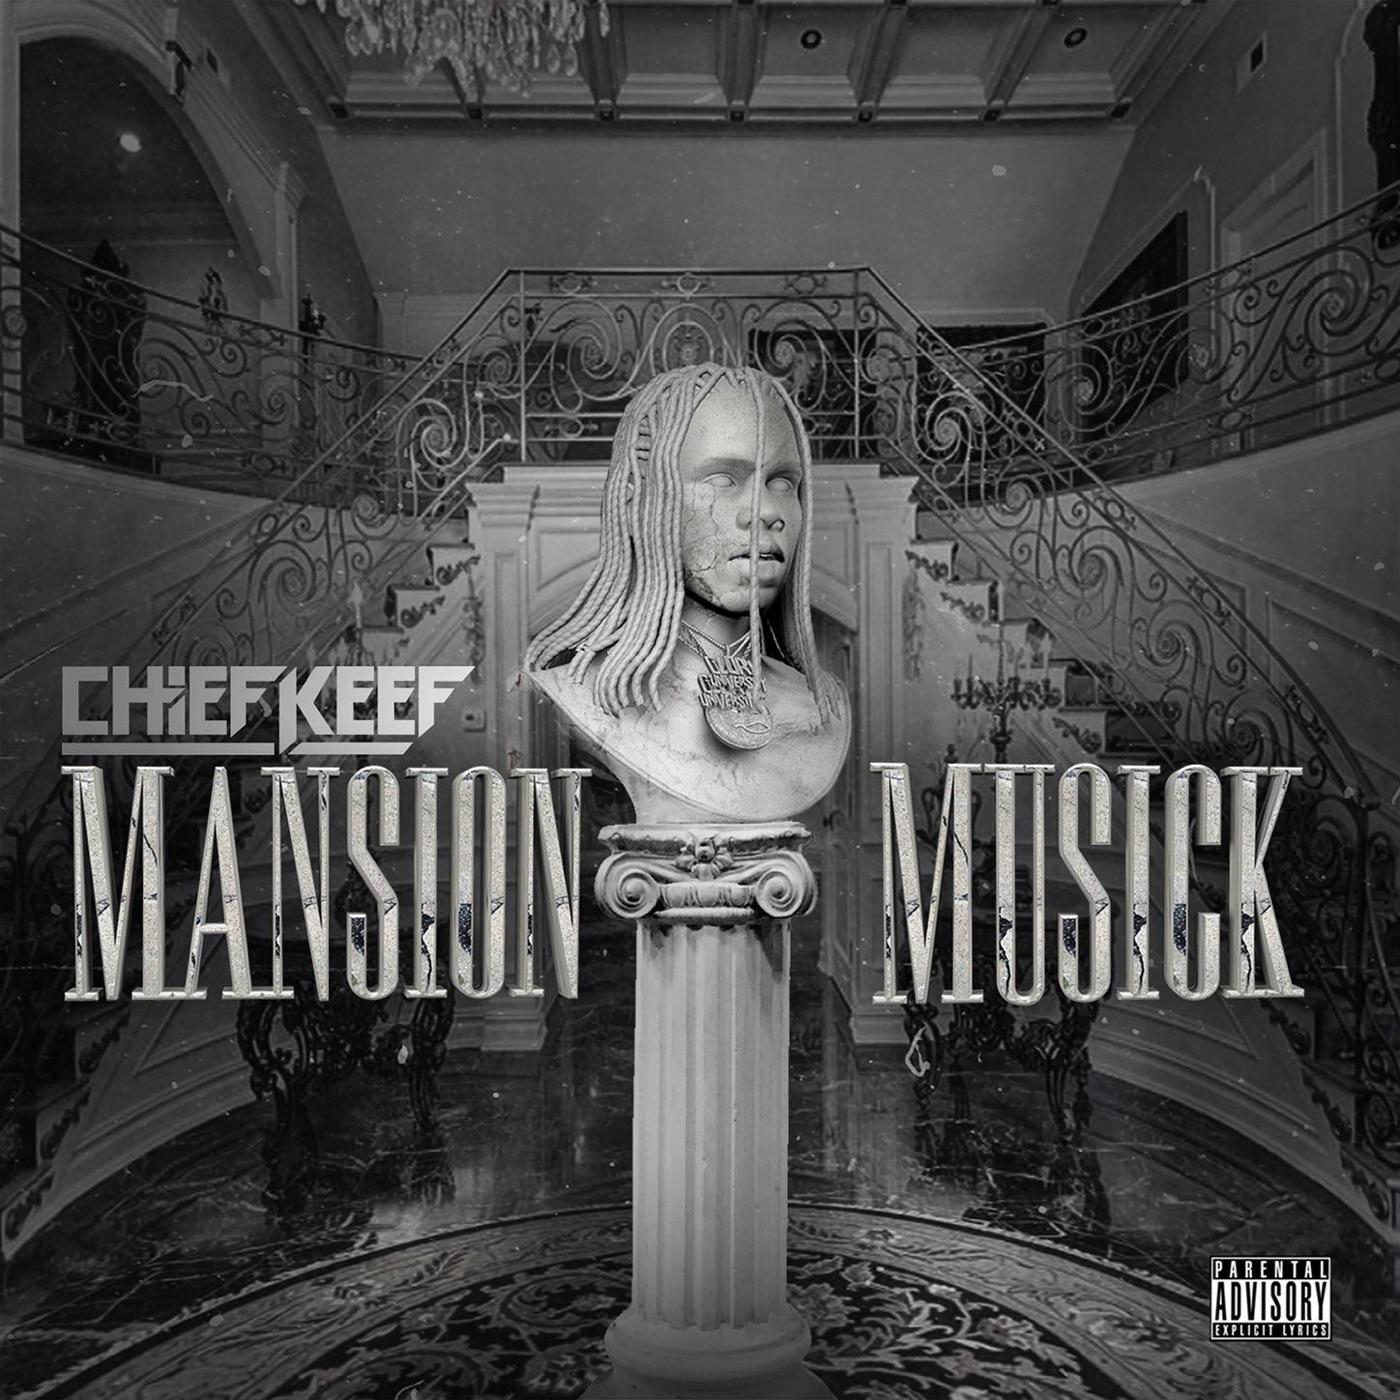 Download Chief Keef - Mansion Musick (320 kbps) [2018] [EDM RG] Torrent